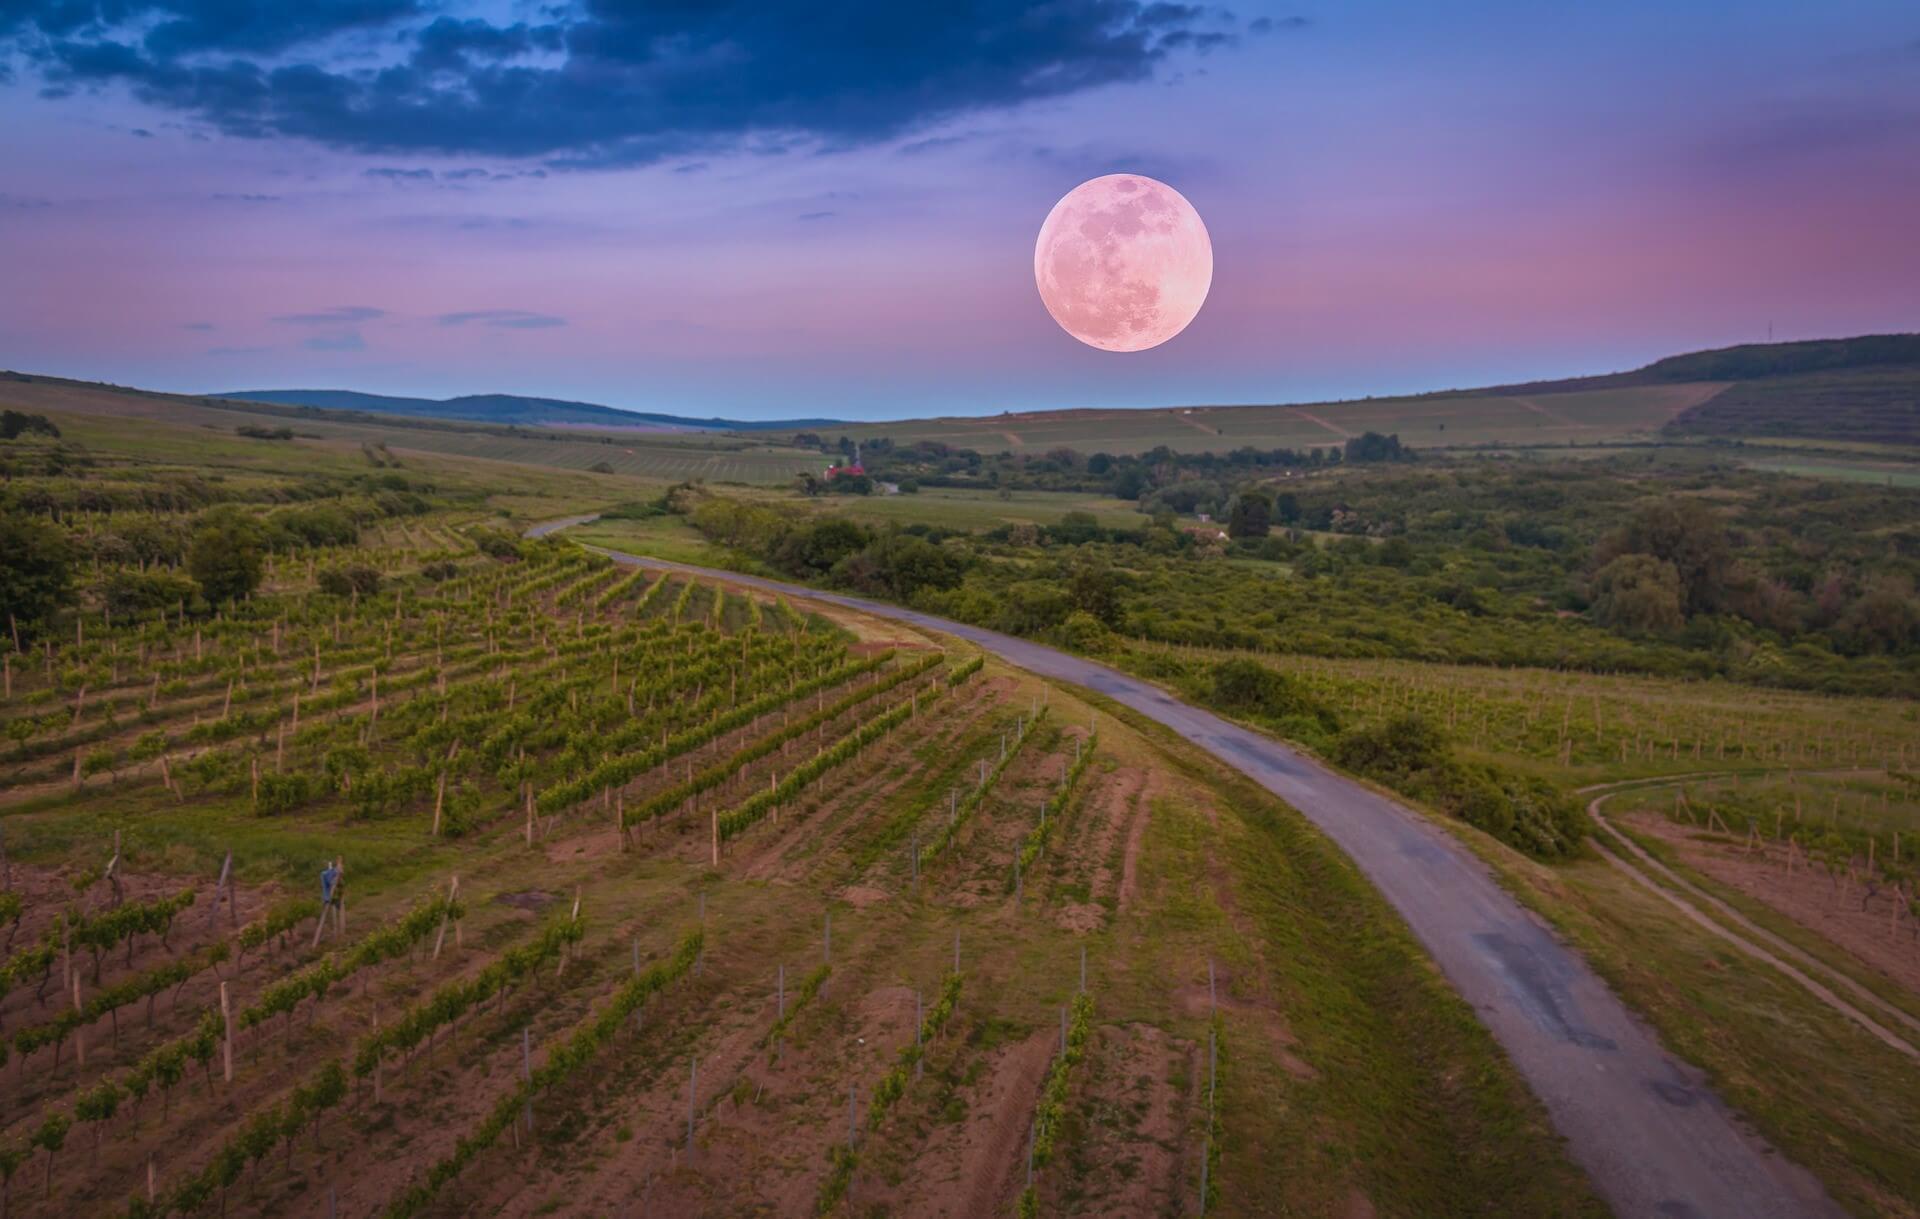 Er det riktig at månen påvirker vin?